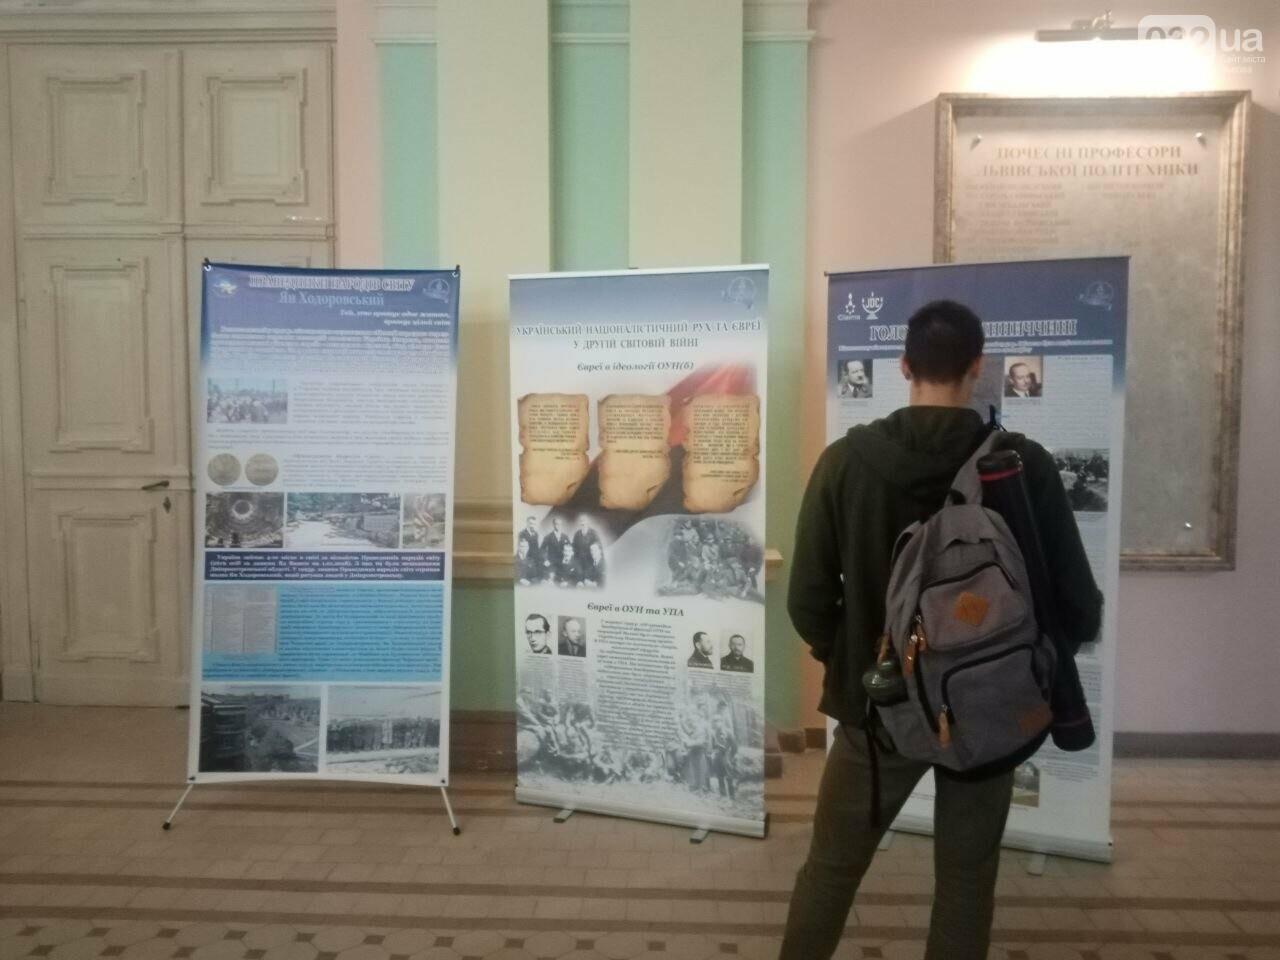 У Львові відкрили виставку, присвячену українцям-рятівникам євреїв під час Голокосту, - ФОТО, фото-4